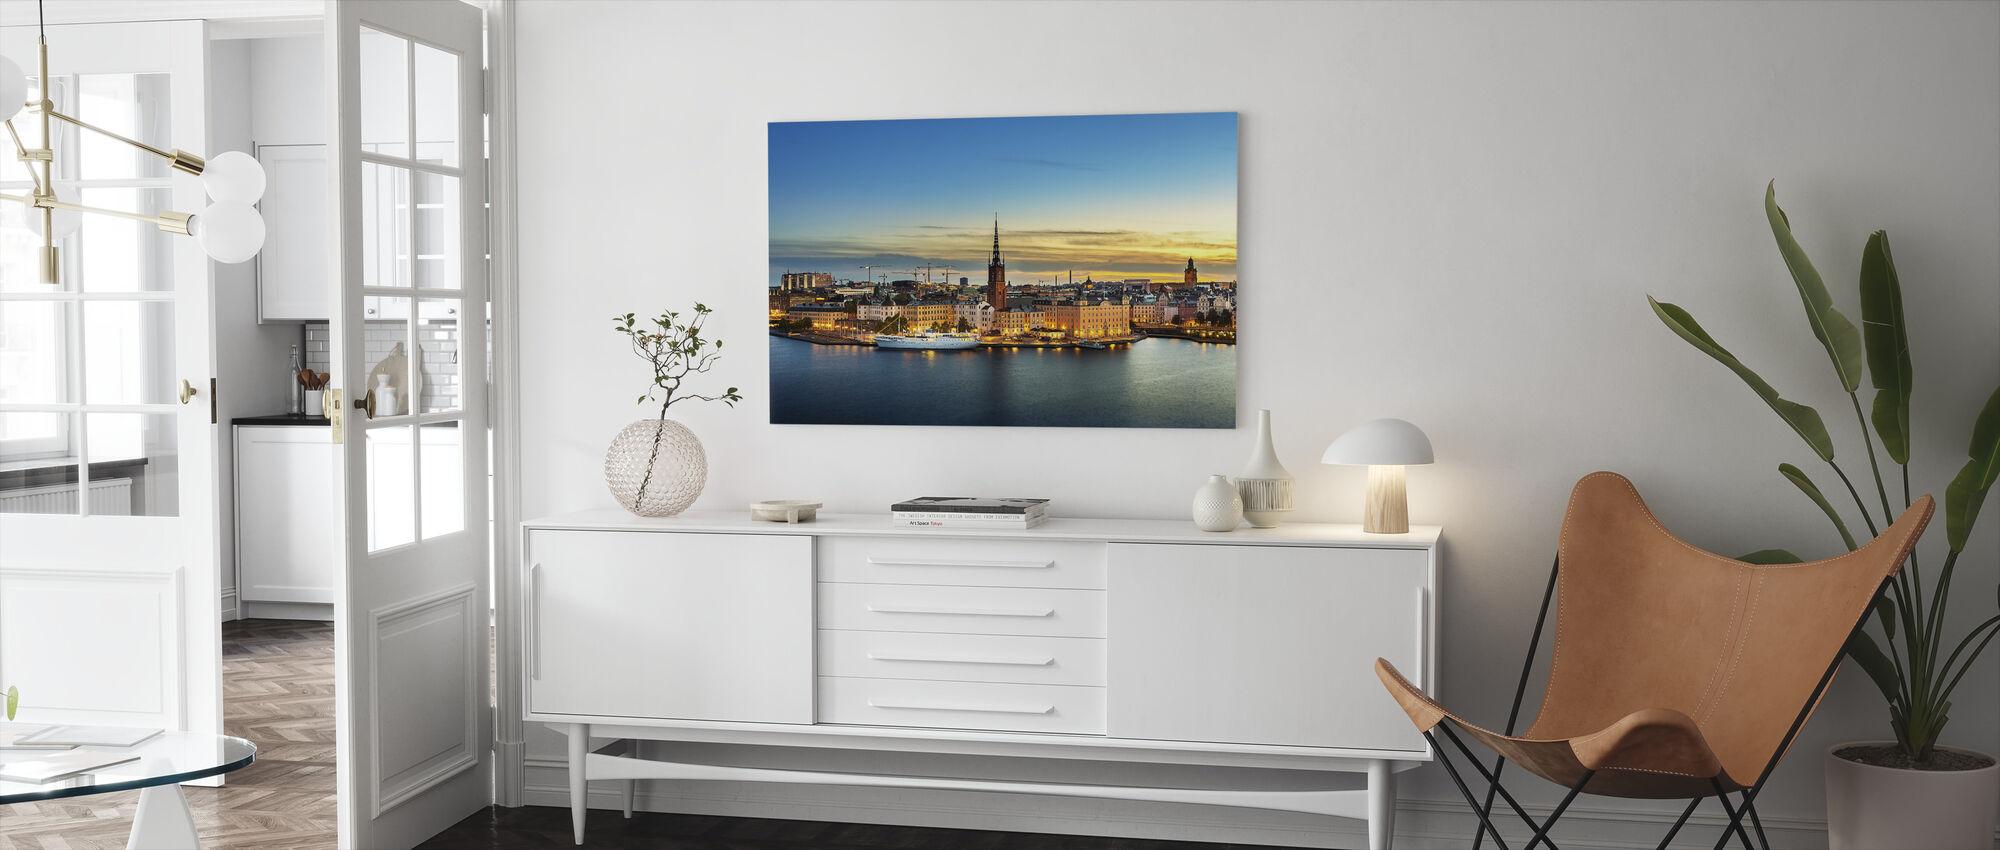 Sunset over Riddarholmen Stockholm - Canvas print - Living Room